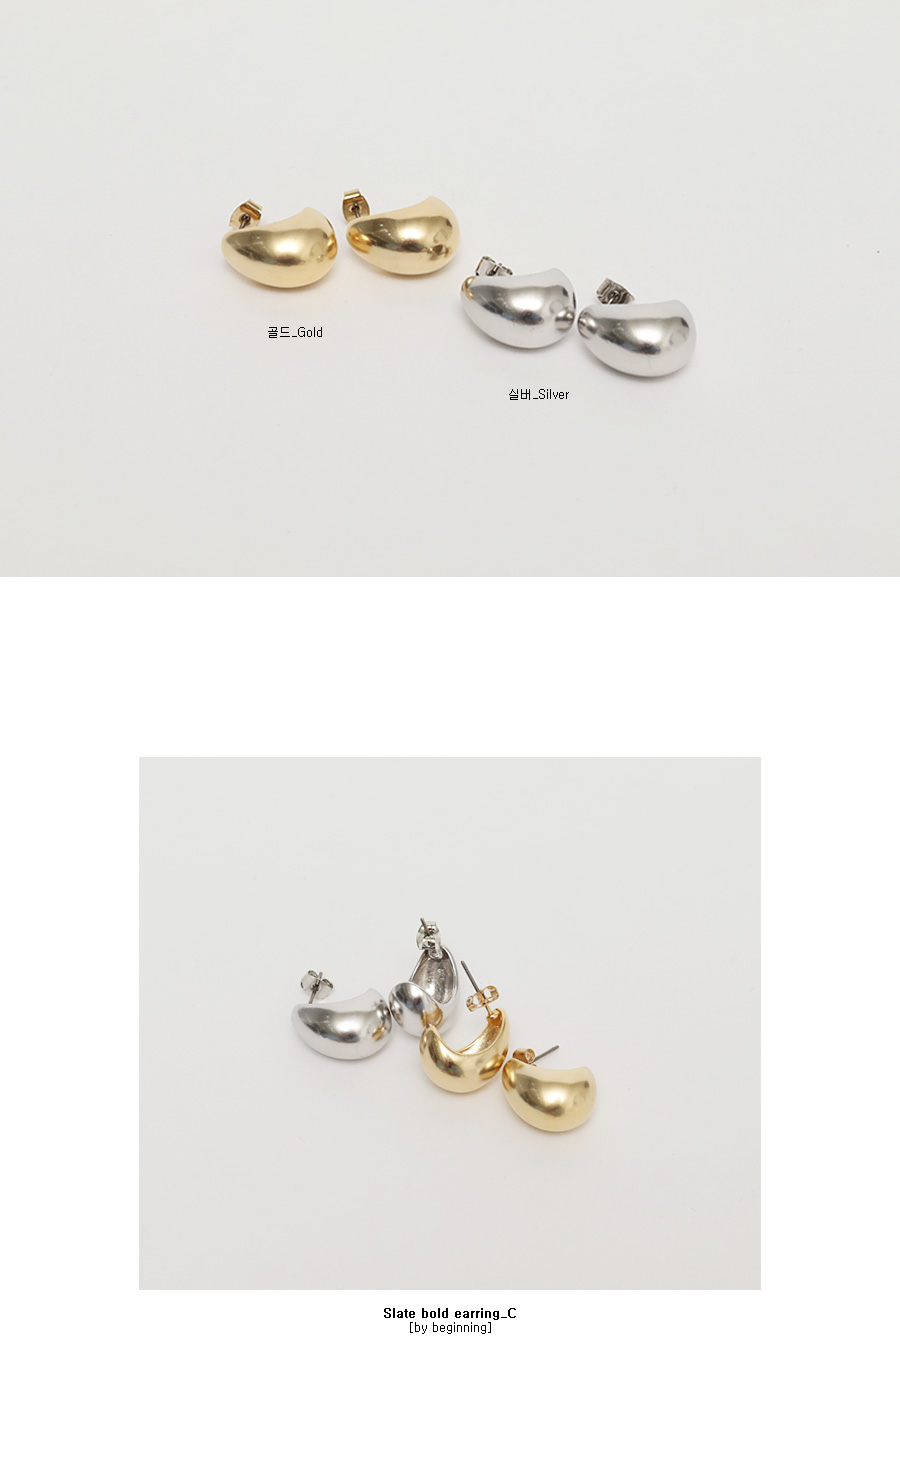 Slate bold earring_C